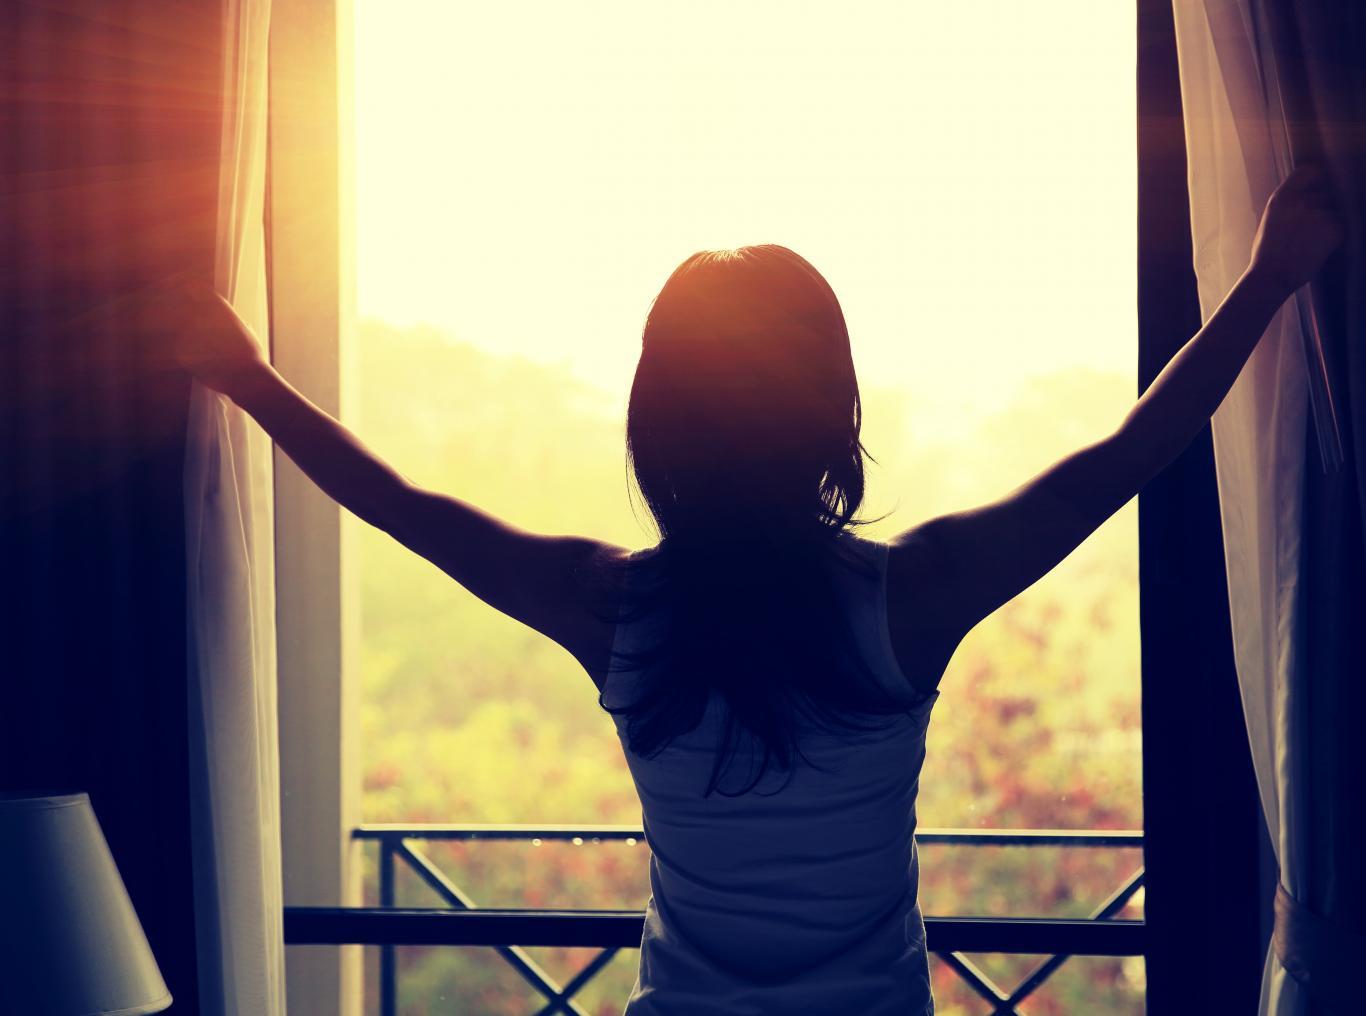 Imagen de mujer en una ventana